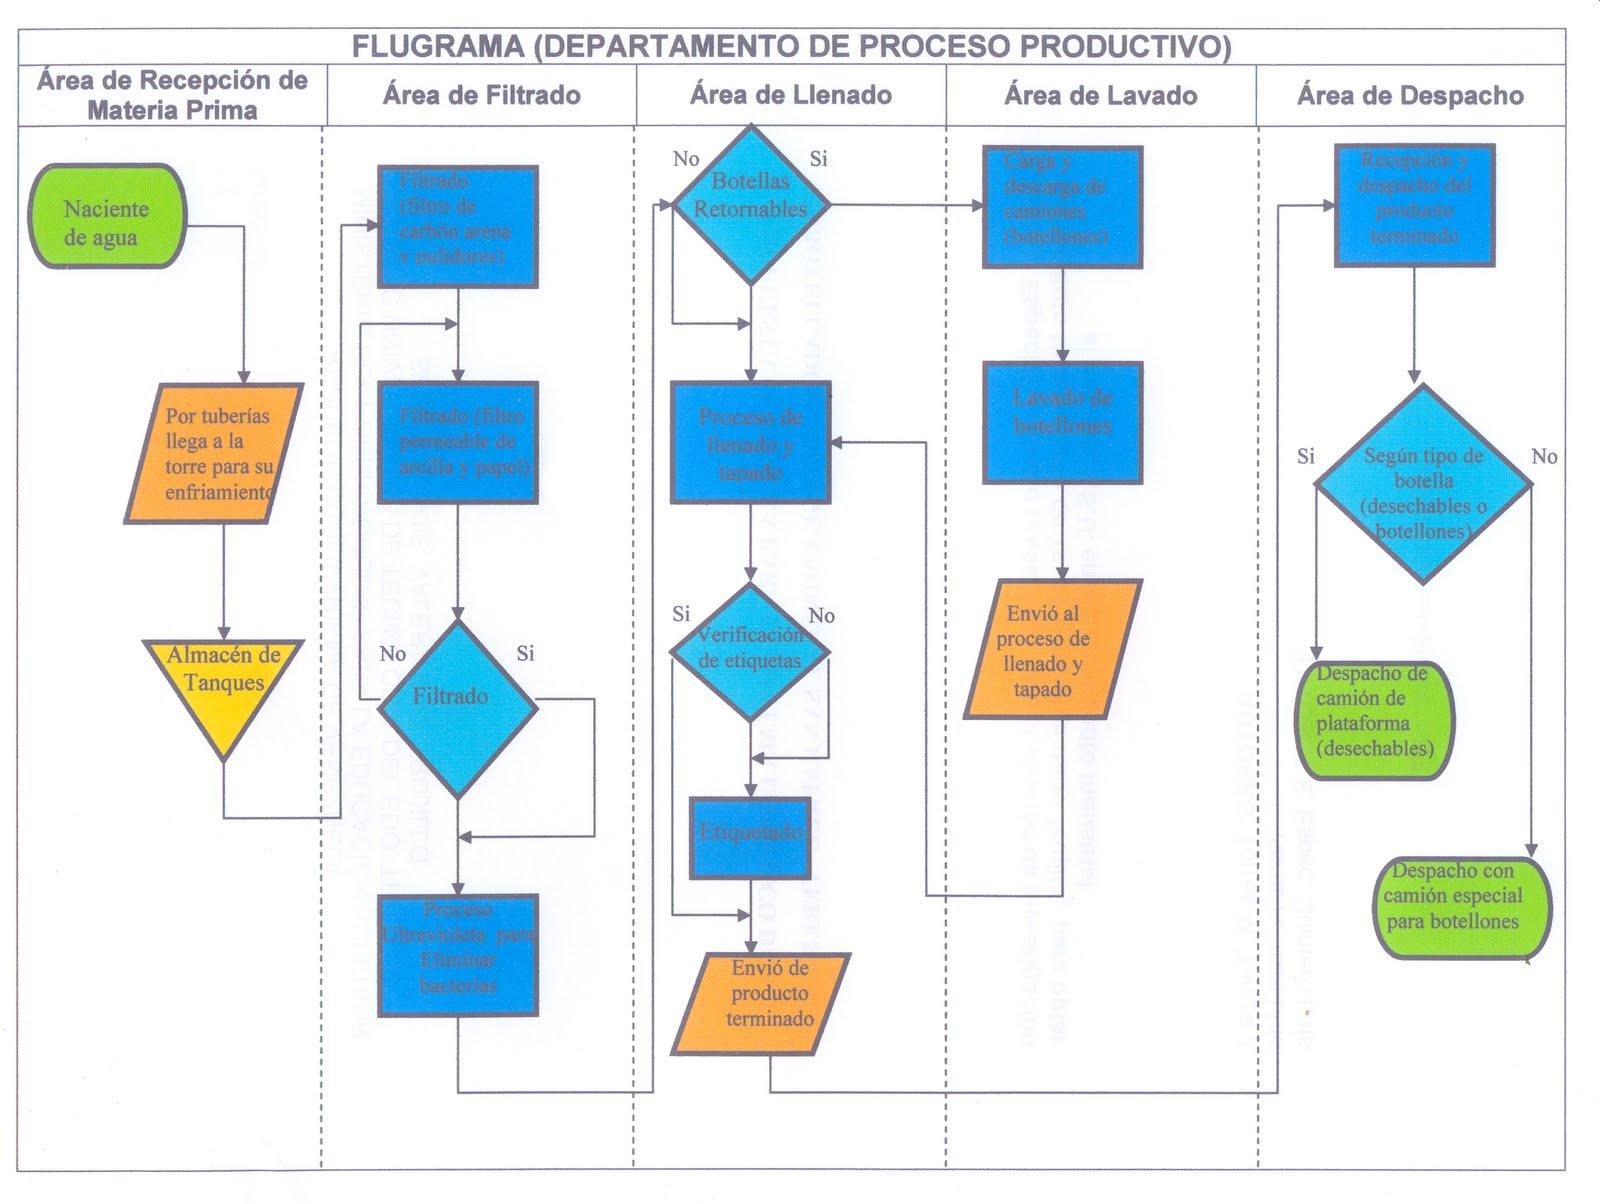 Diagrama de Flujo (Proceso Productivo)